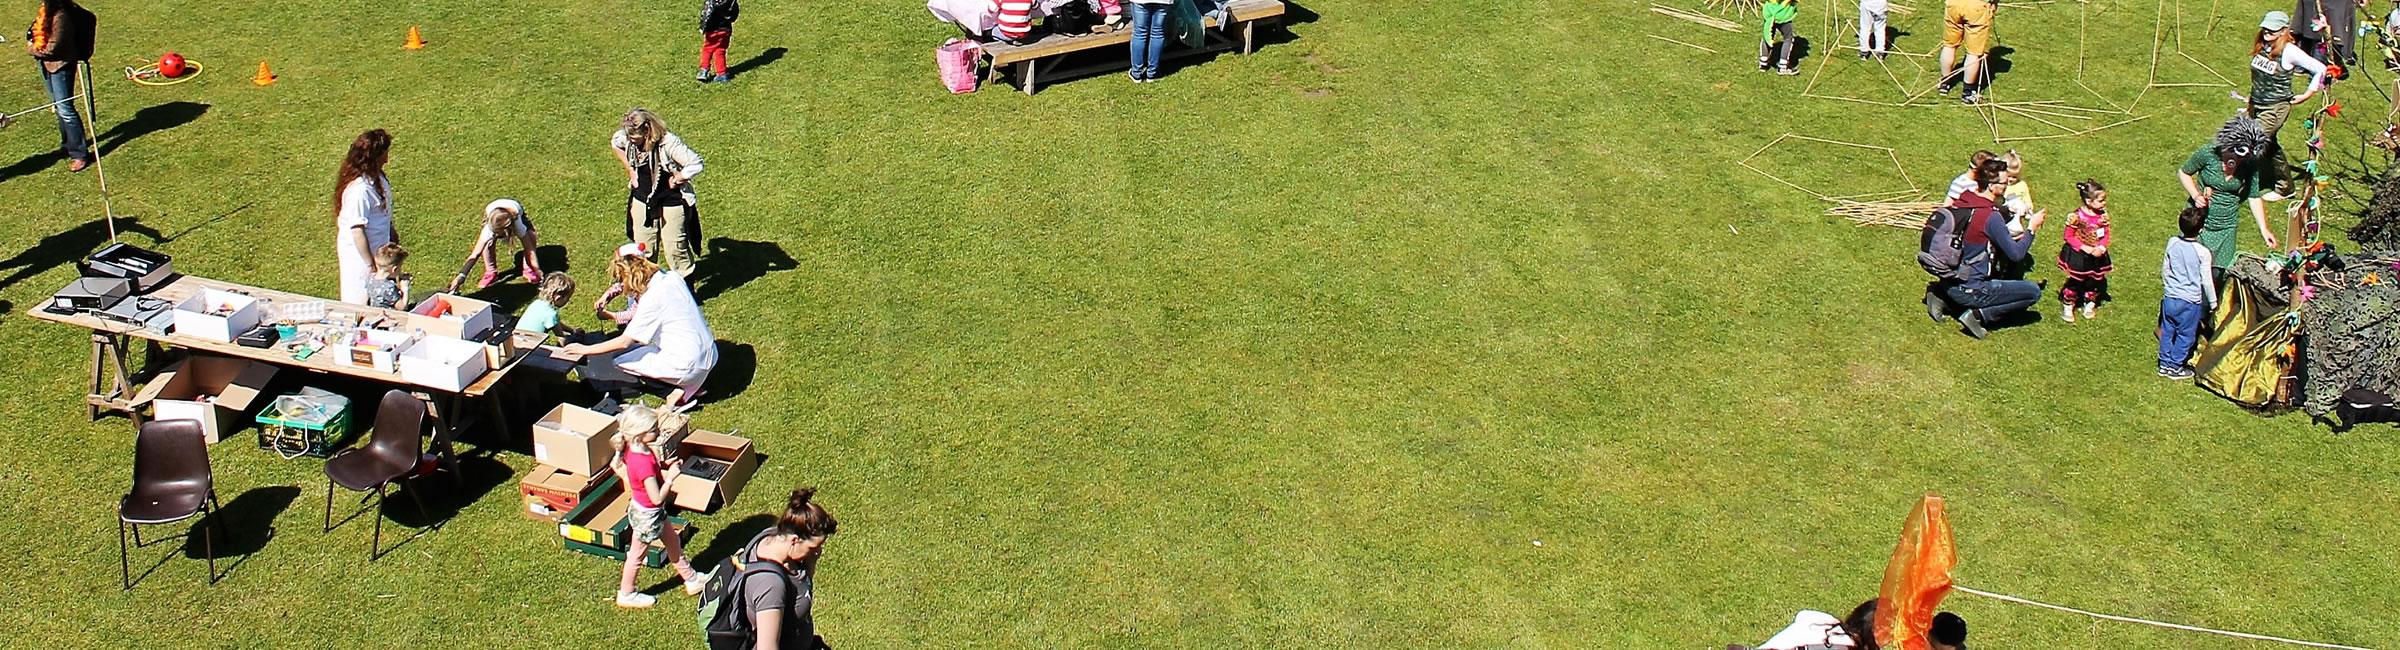 schoolkamp-speelveld.jpg